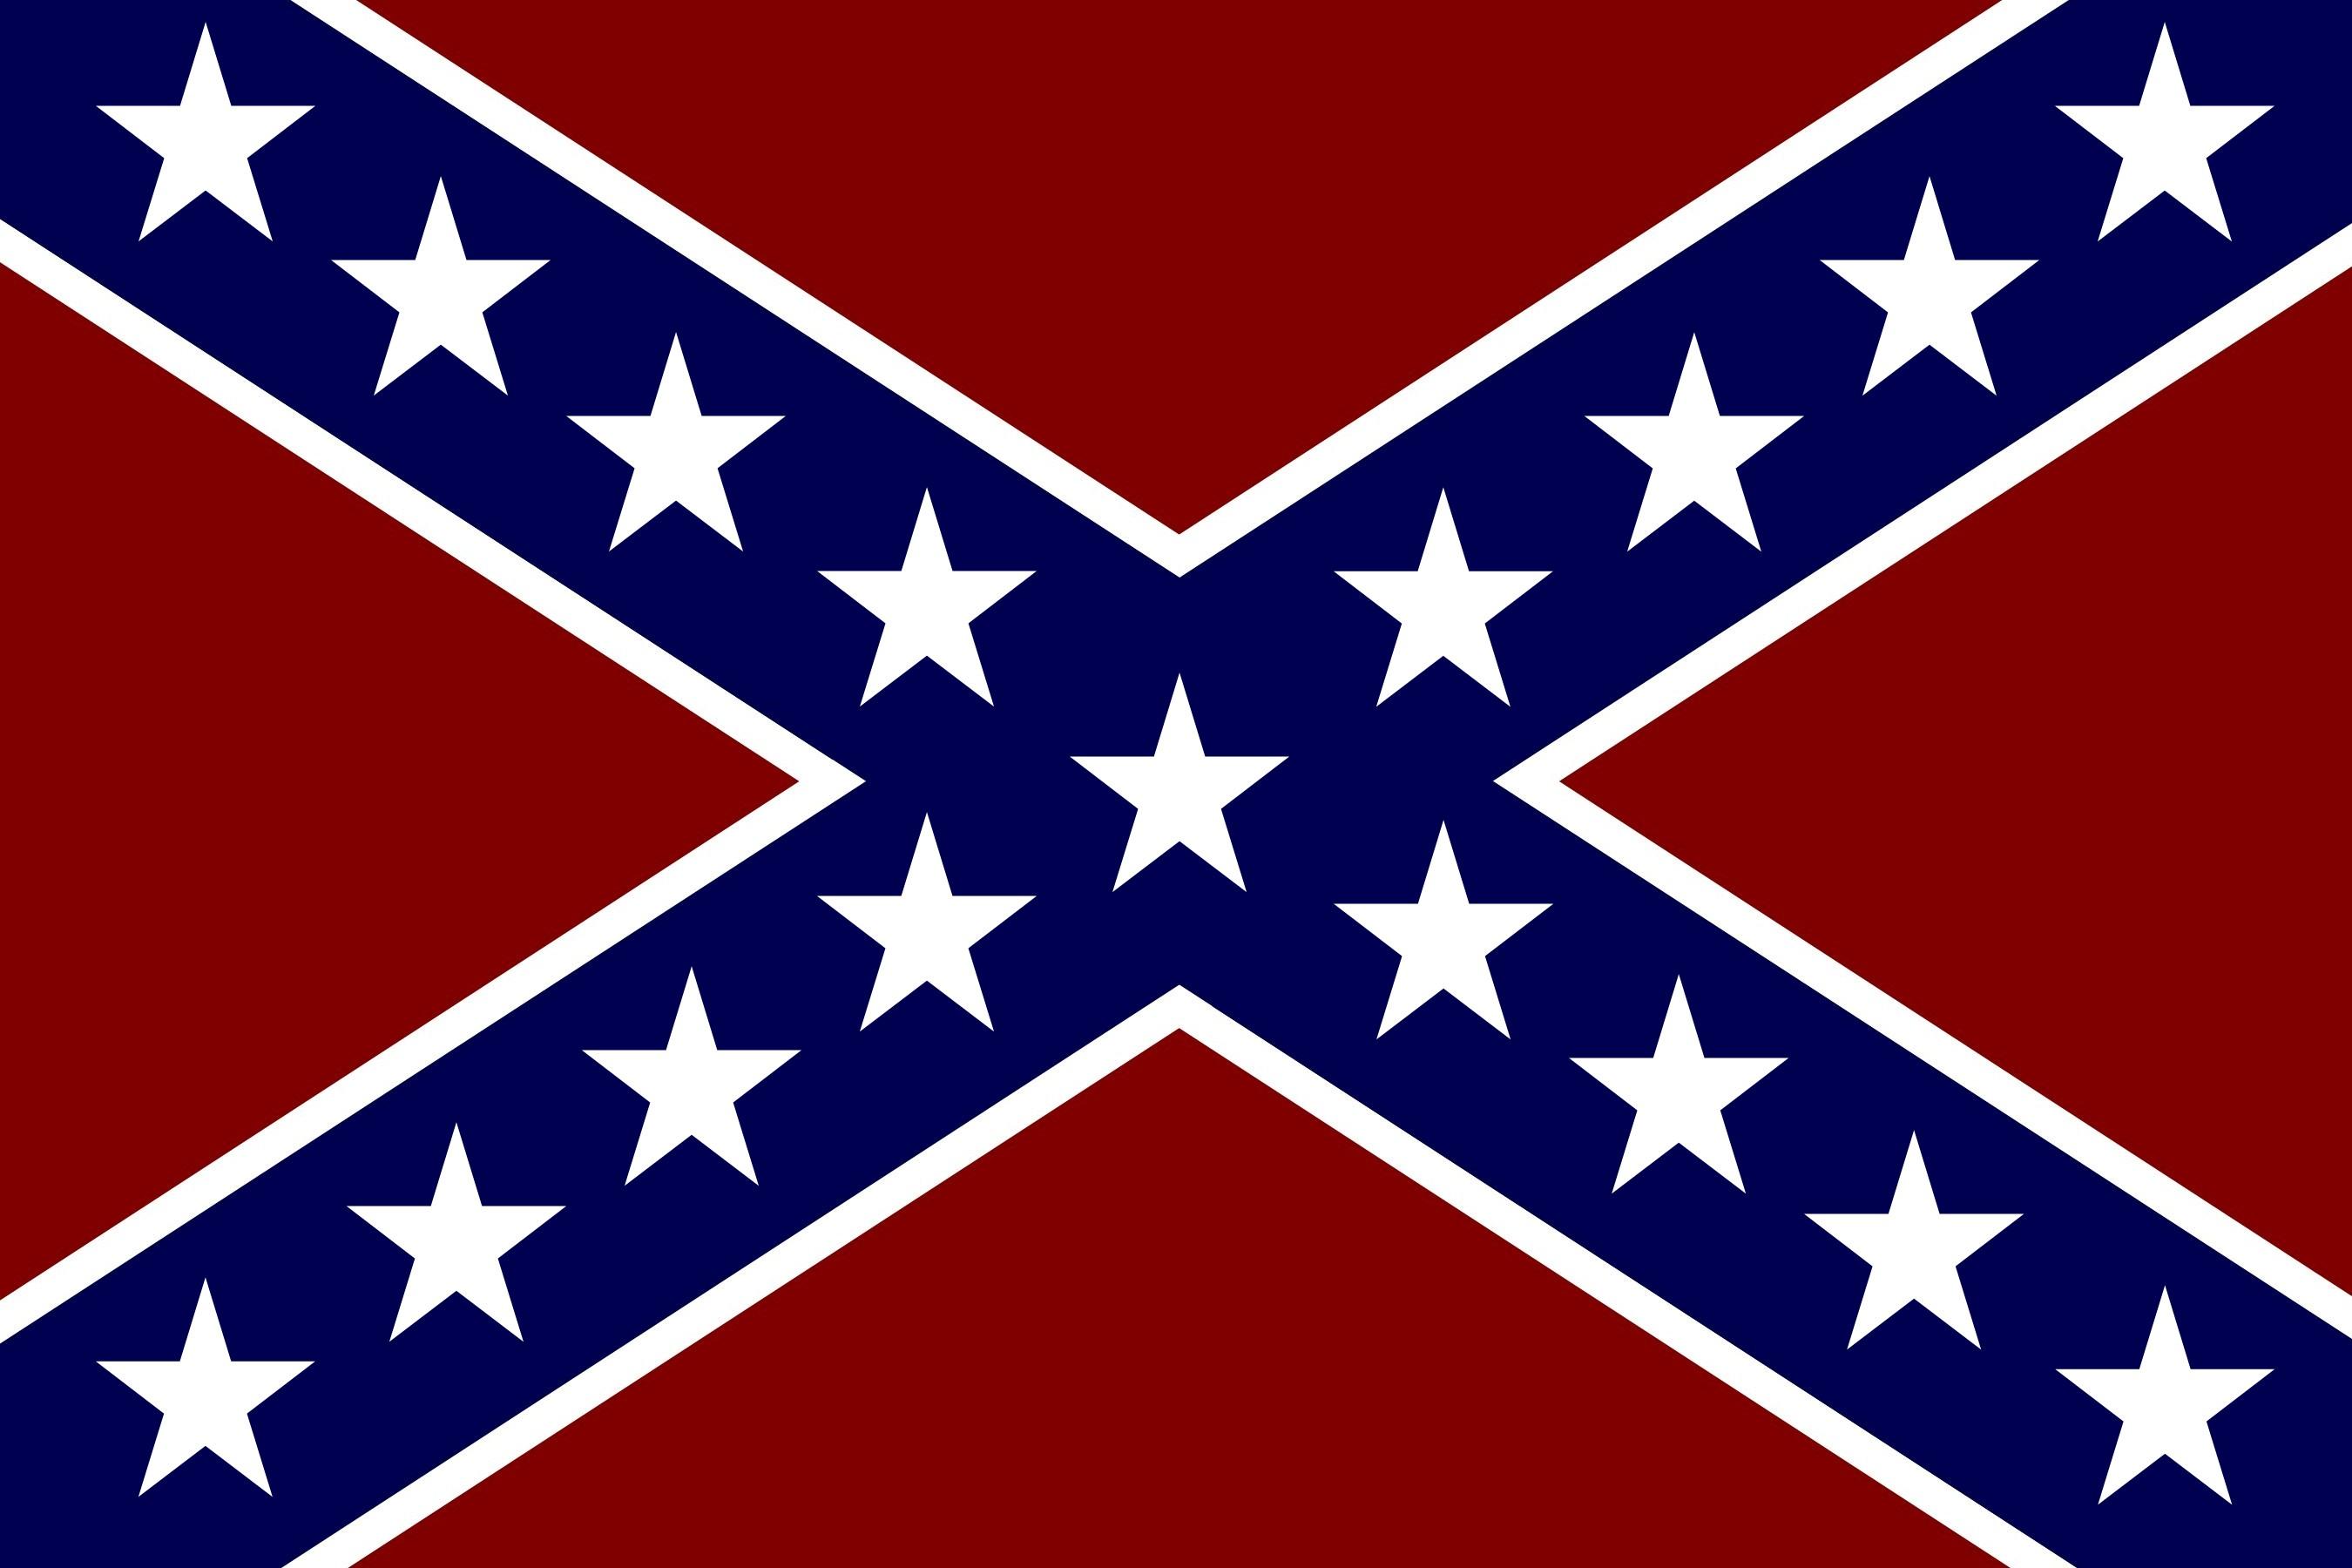 Microsoft объявила флаг Конфедерации вне закона | ИА Красная Весна